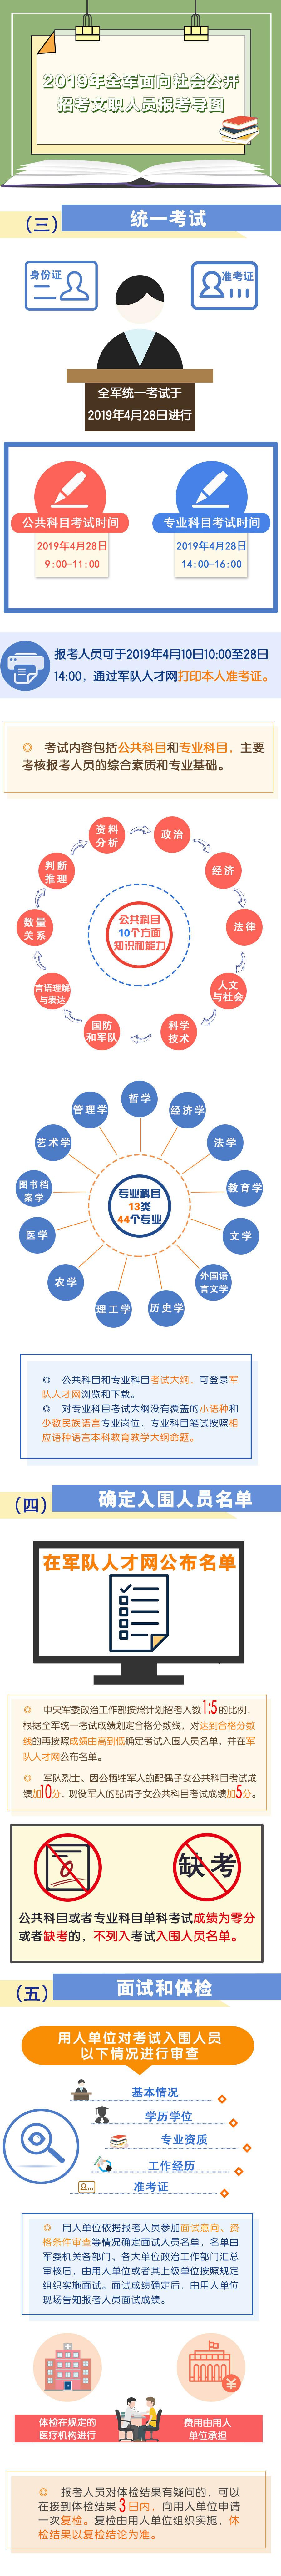 4-3-2019年全军面向社会公开招考文职人员报考导图.jpg?x-oss-process=style/w10